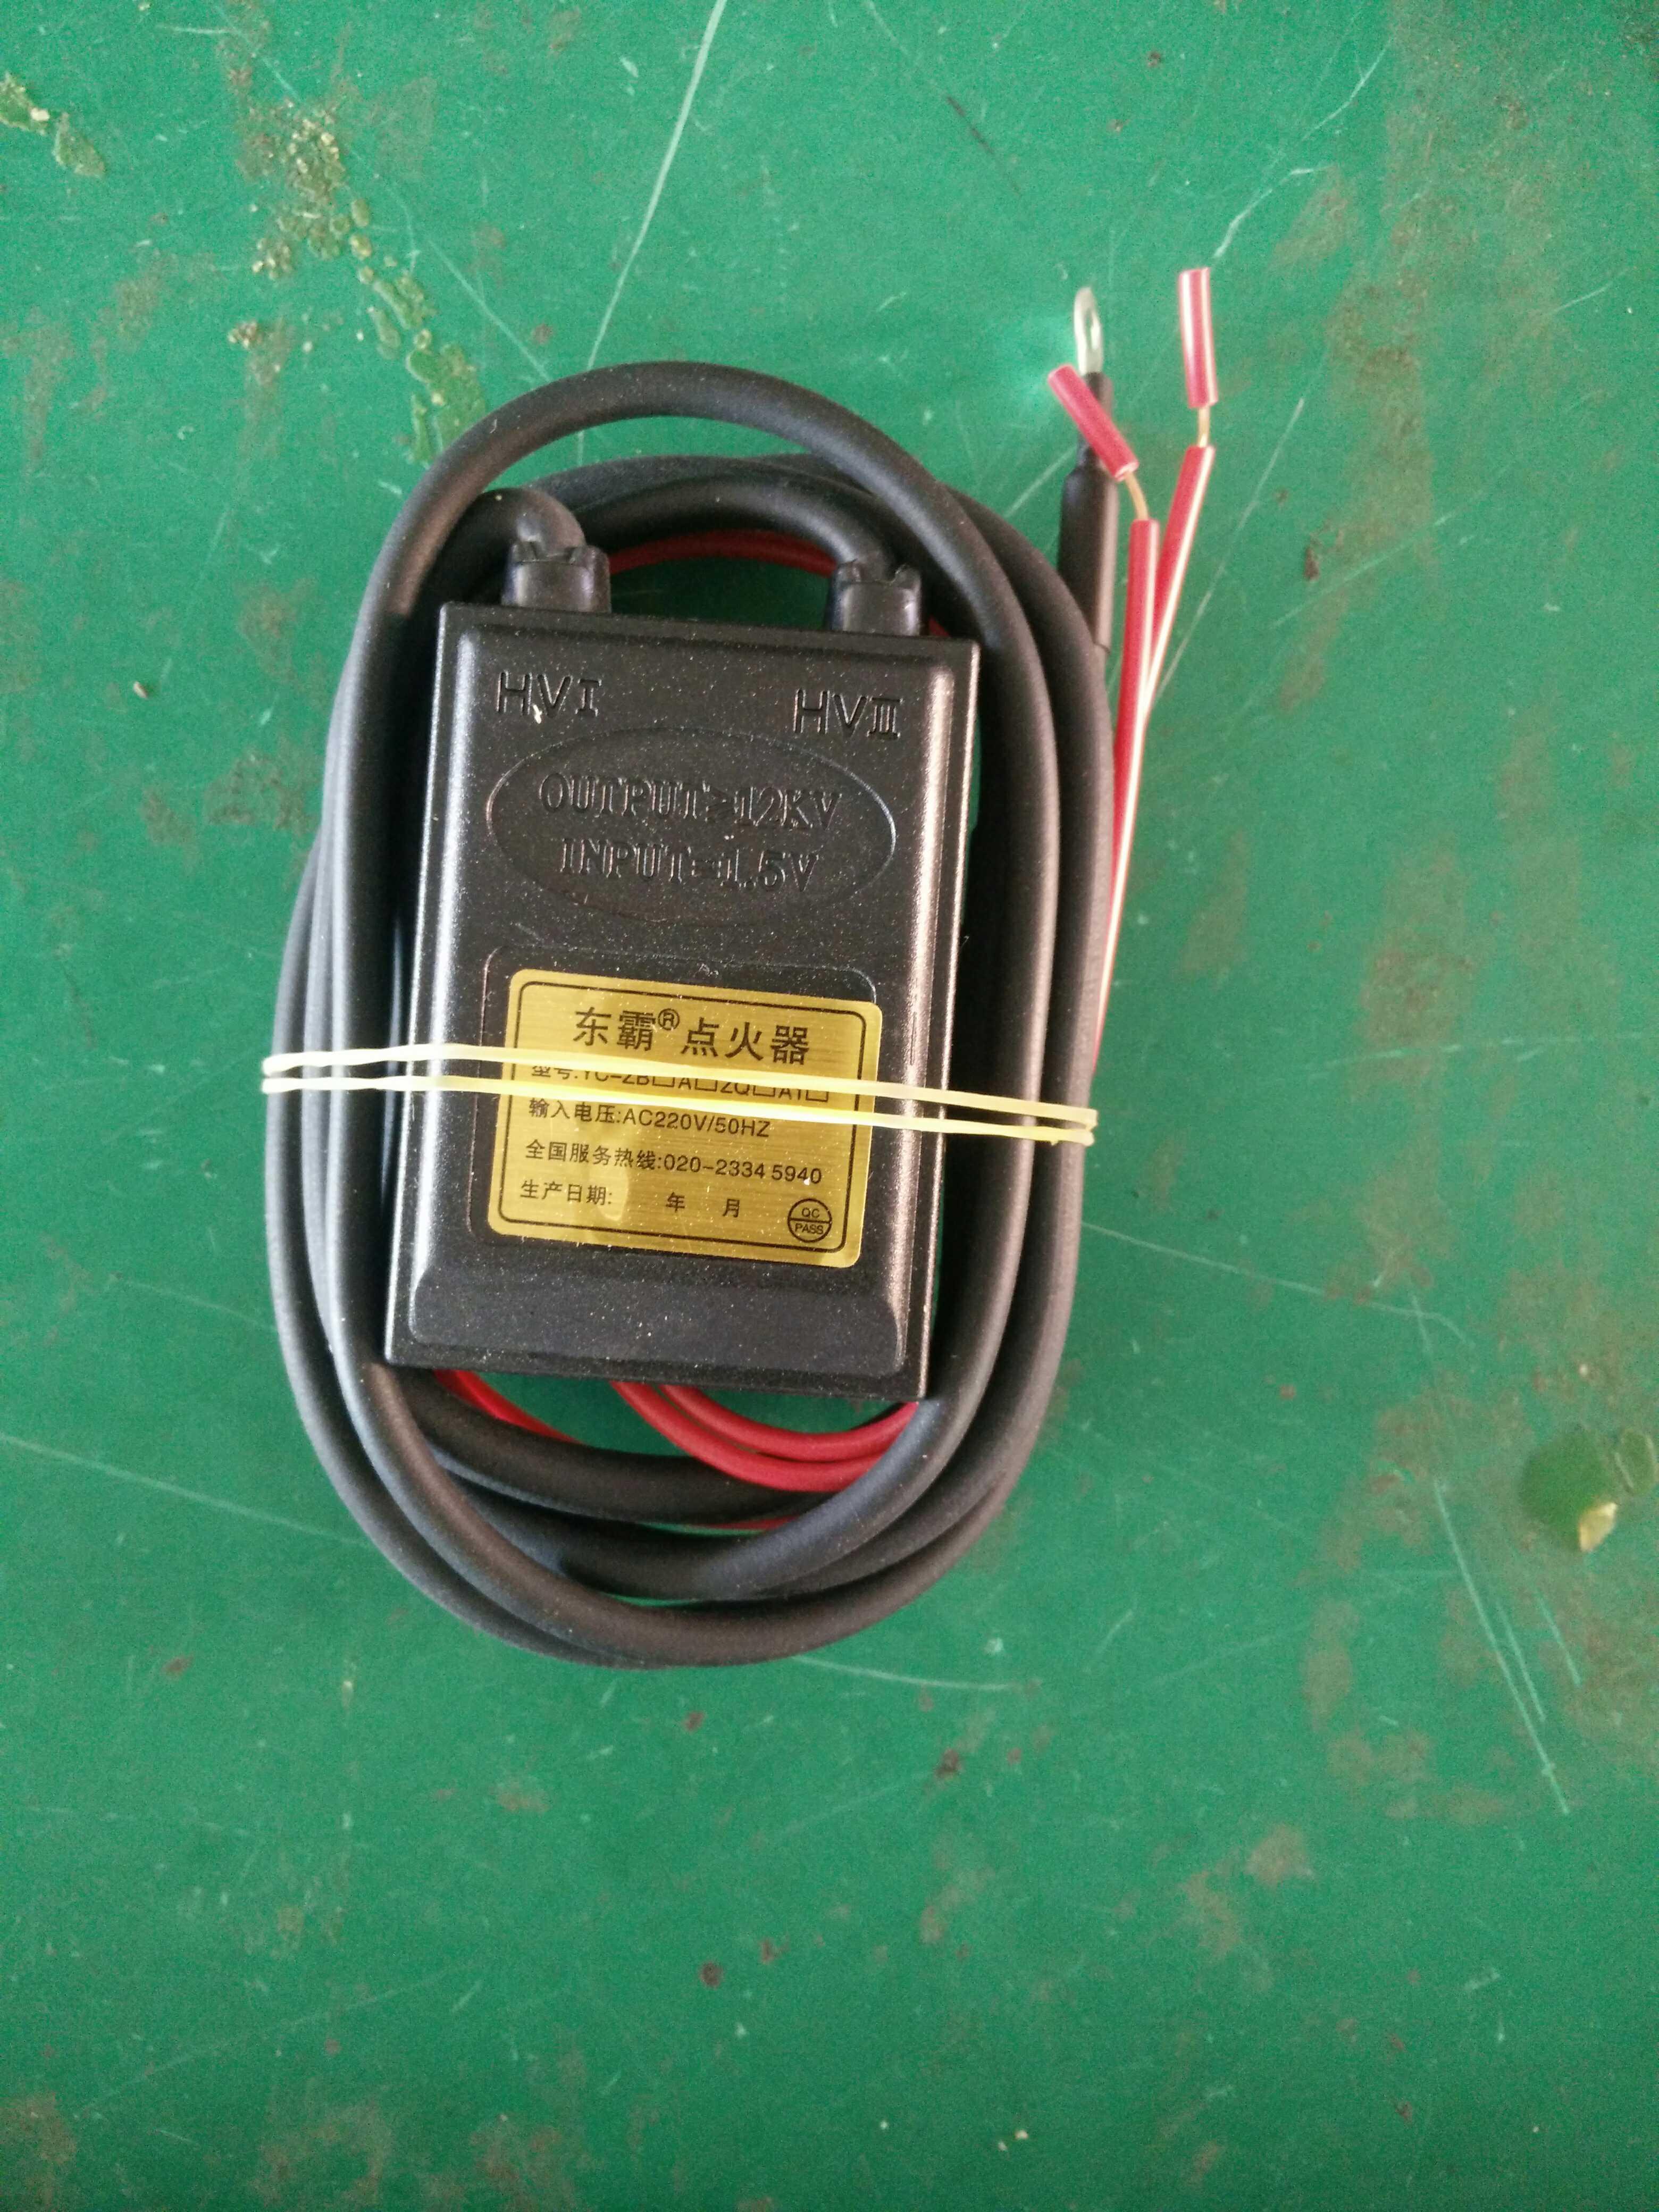 AC220v высокое давление электронный зажигание производить завод объект завод оптовая торговля электронный зажигание высокое давление пакет